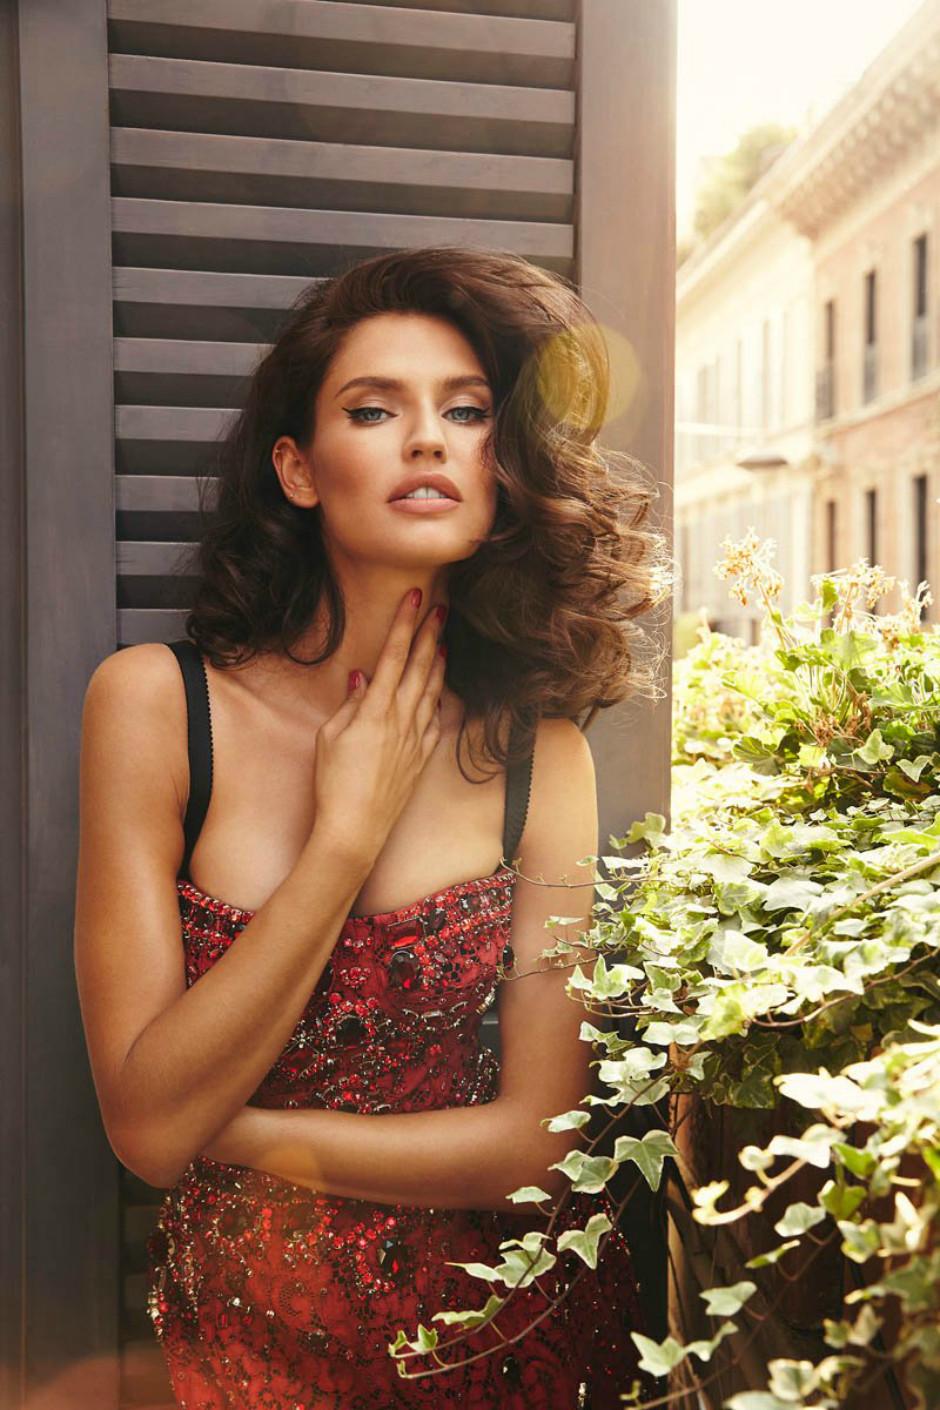 Красота по-итальянски: самые прекрасные итальянки в истории (16 фото)